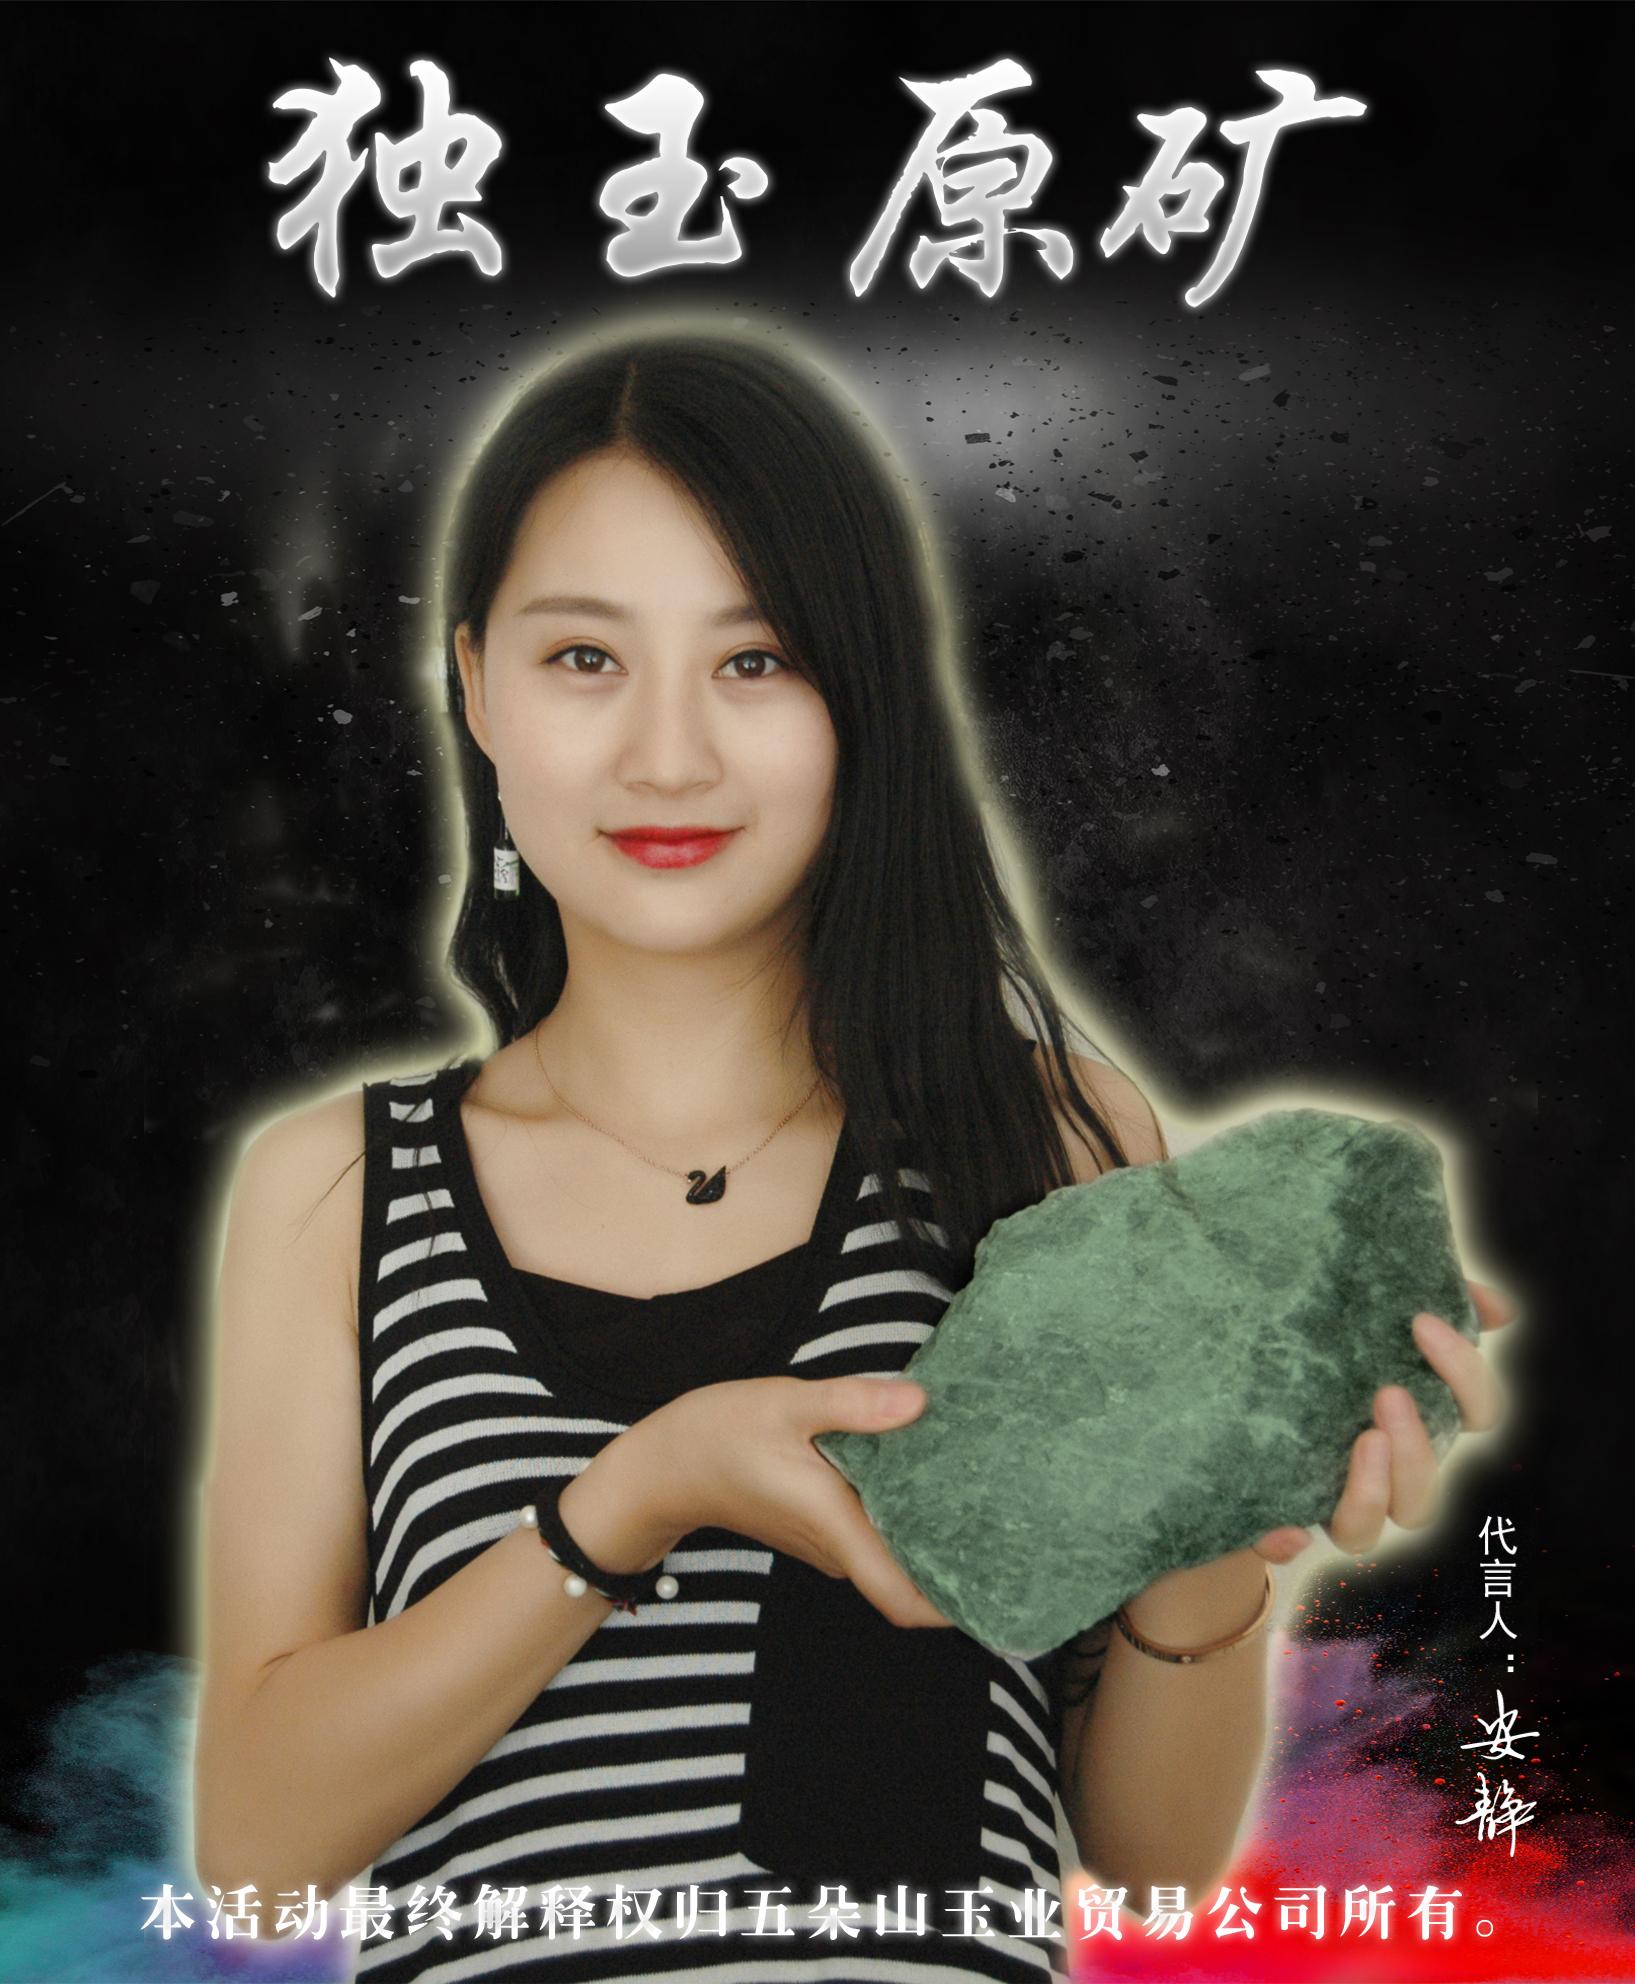 30 юаней 1000 грамм Nanyang Dushan нефрит камень натуральный нефрит шерсть штраф украшения стороны штук подвеска бисер